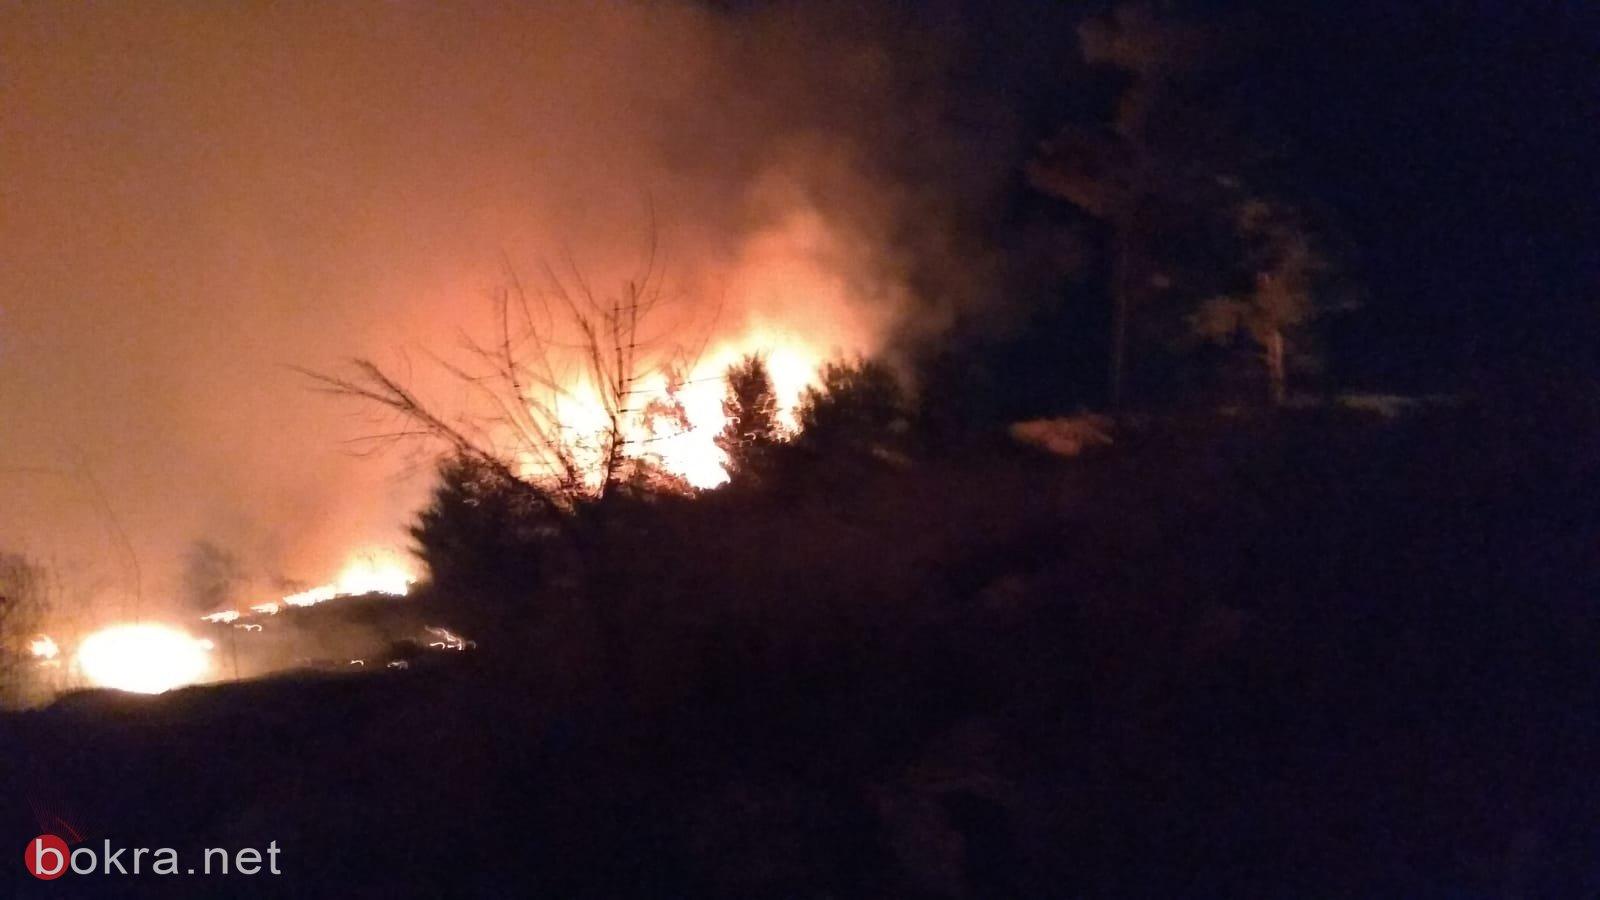 حريق هائل في الأحراش المجاورة للدحي واخلاء منازل-1